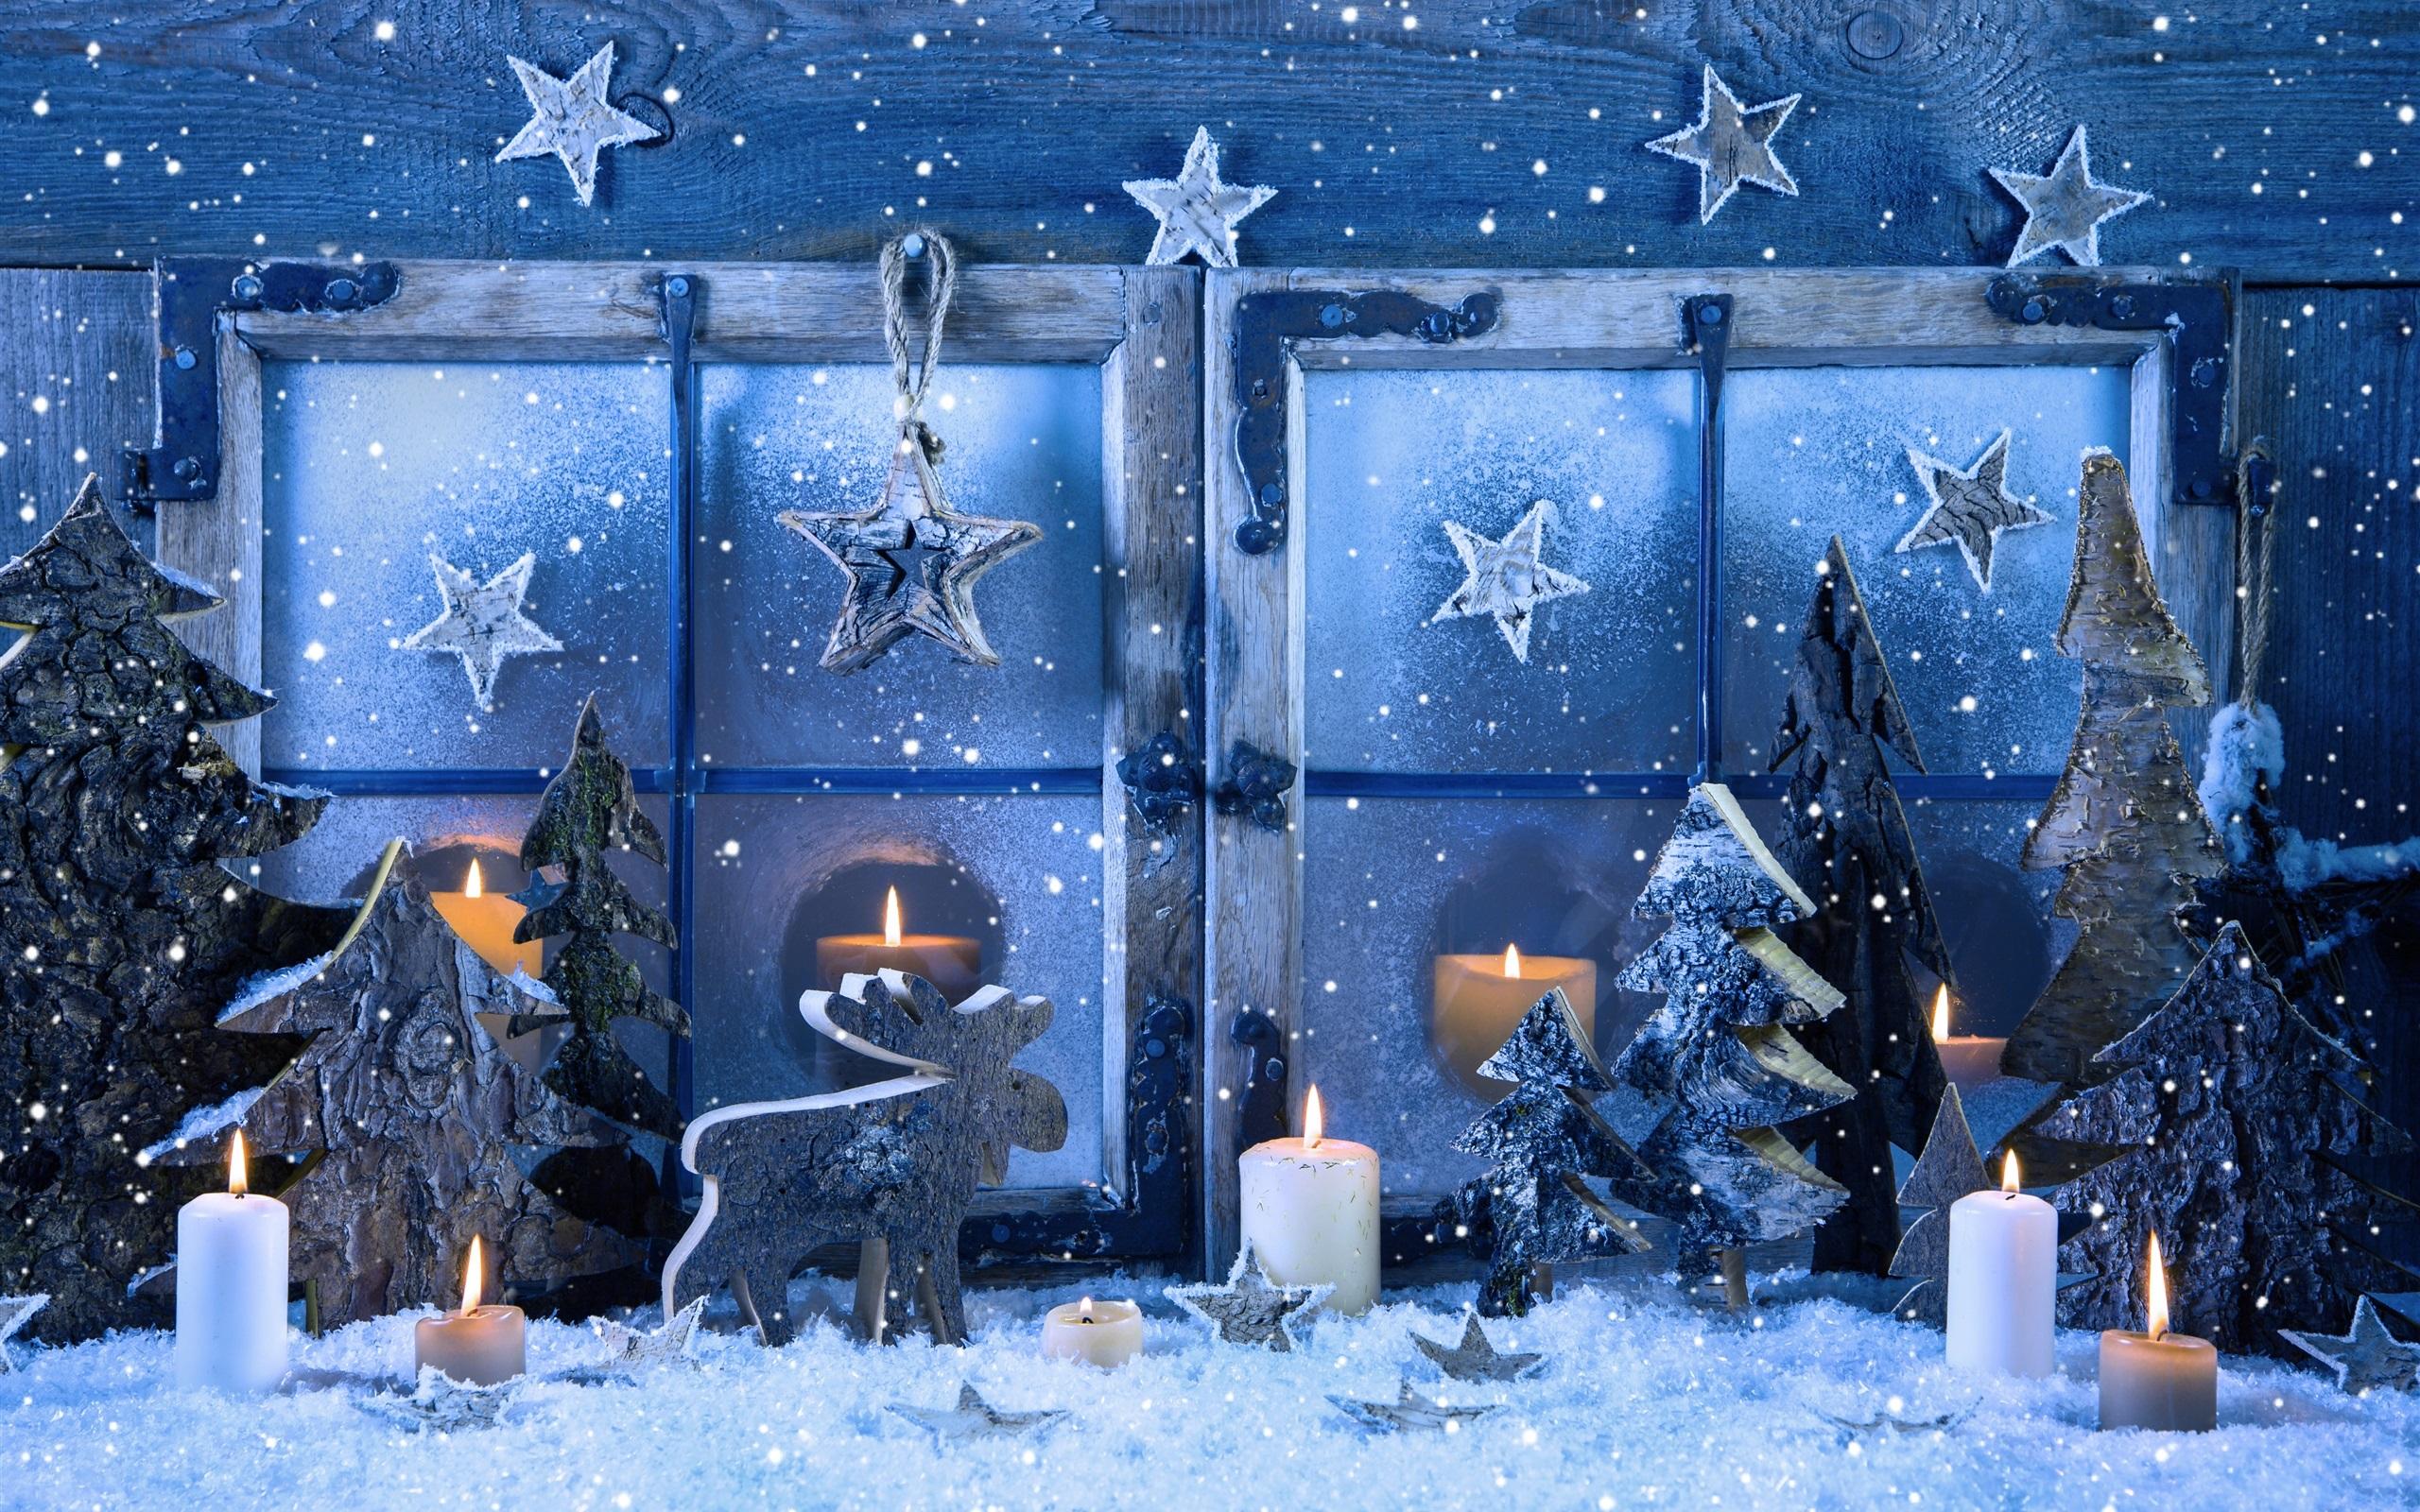 Frohe weihnachten fenster schneeflocken kerzen winter - Weihnachtsfenster vorlagen gratis ...